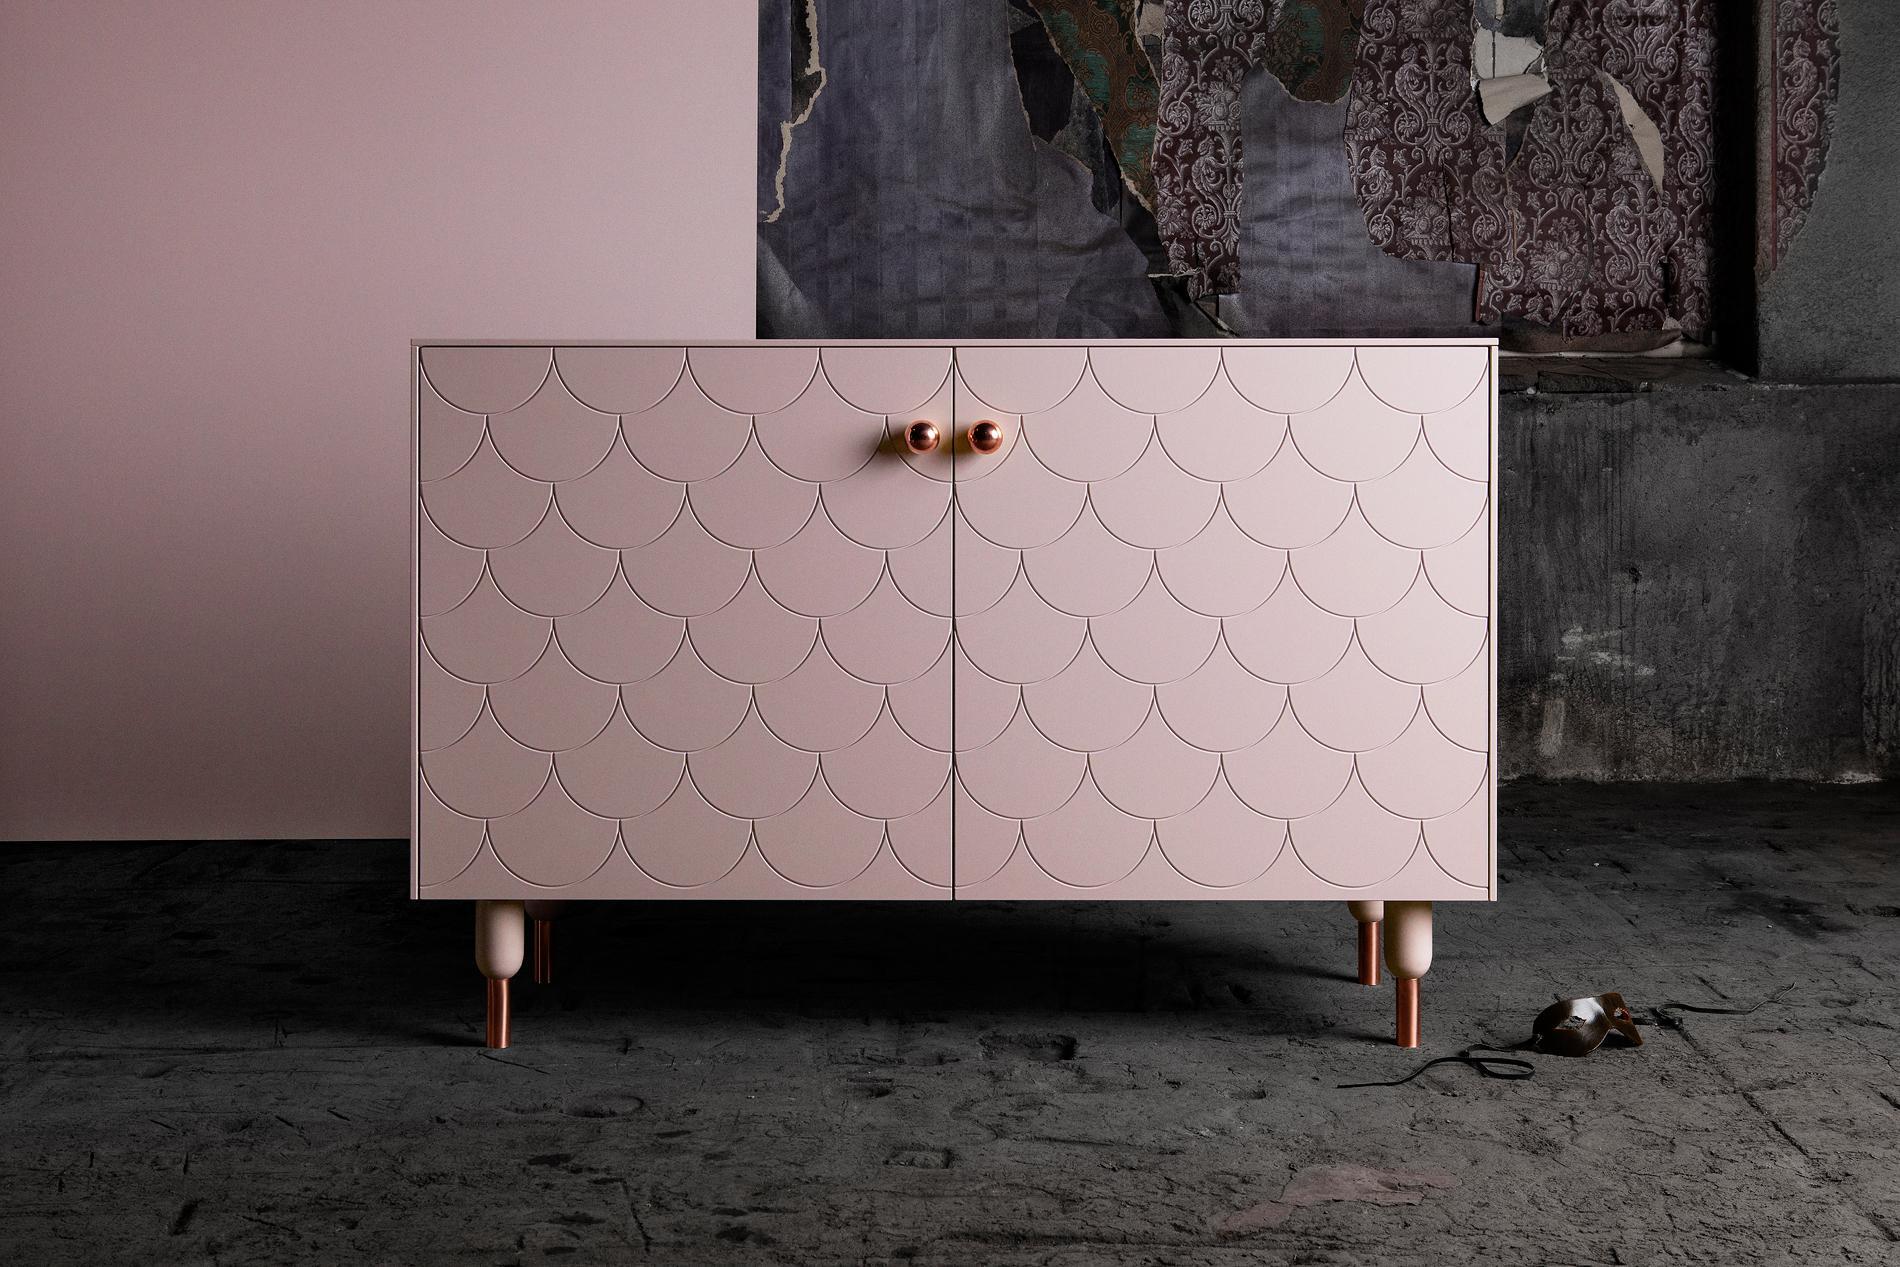 Comment Customiser Une Armoire dix conseils pour customiser ses meubles ikea - madame figaro